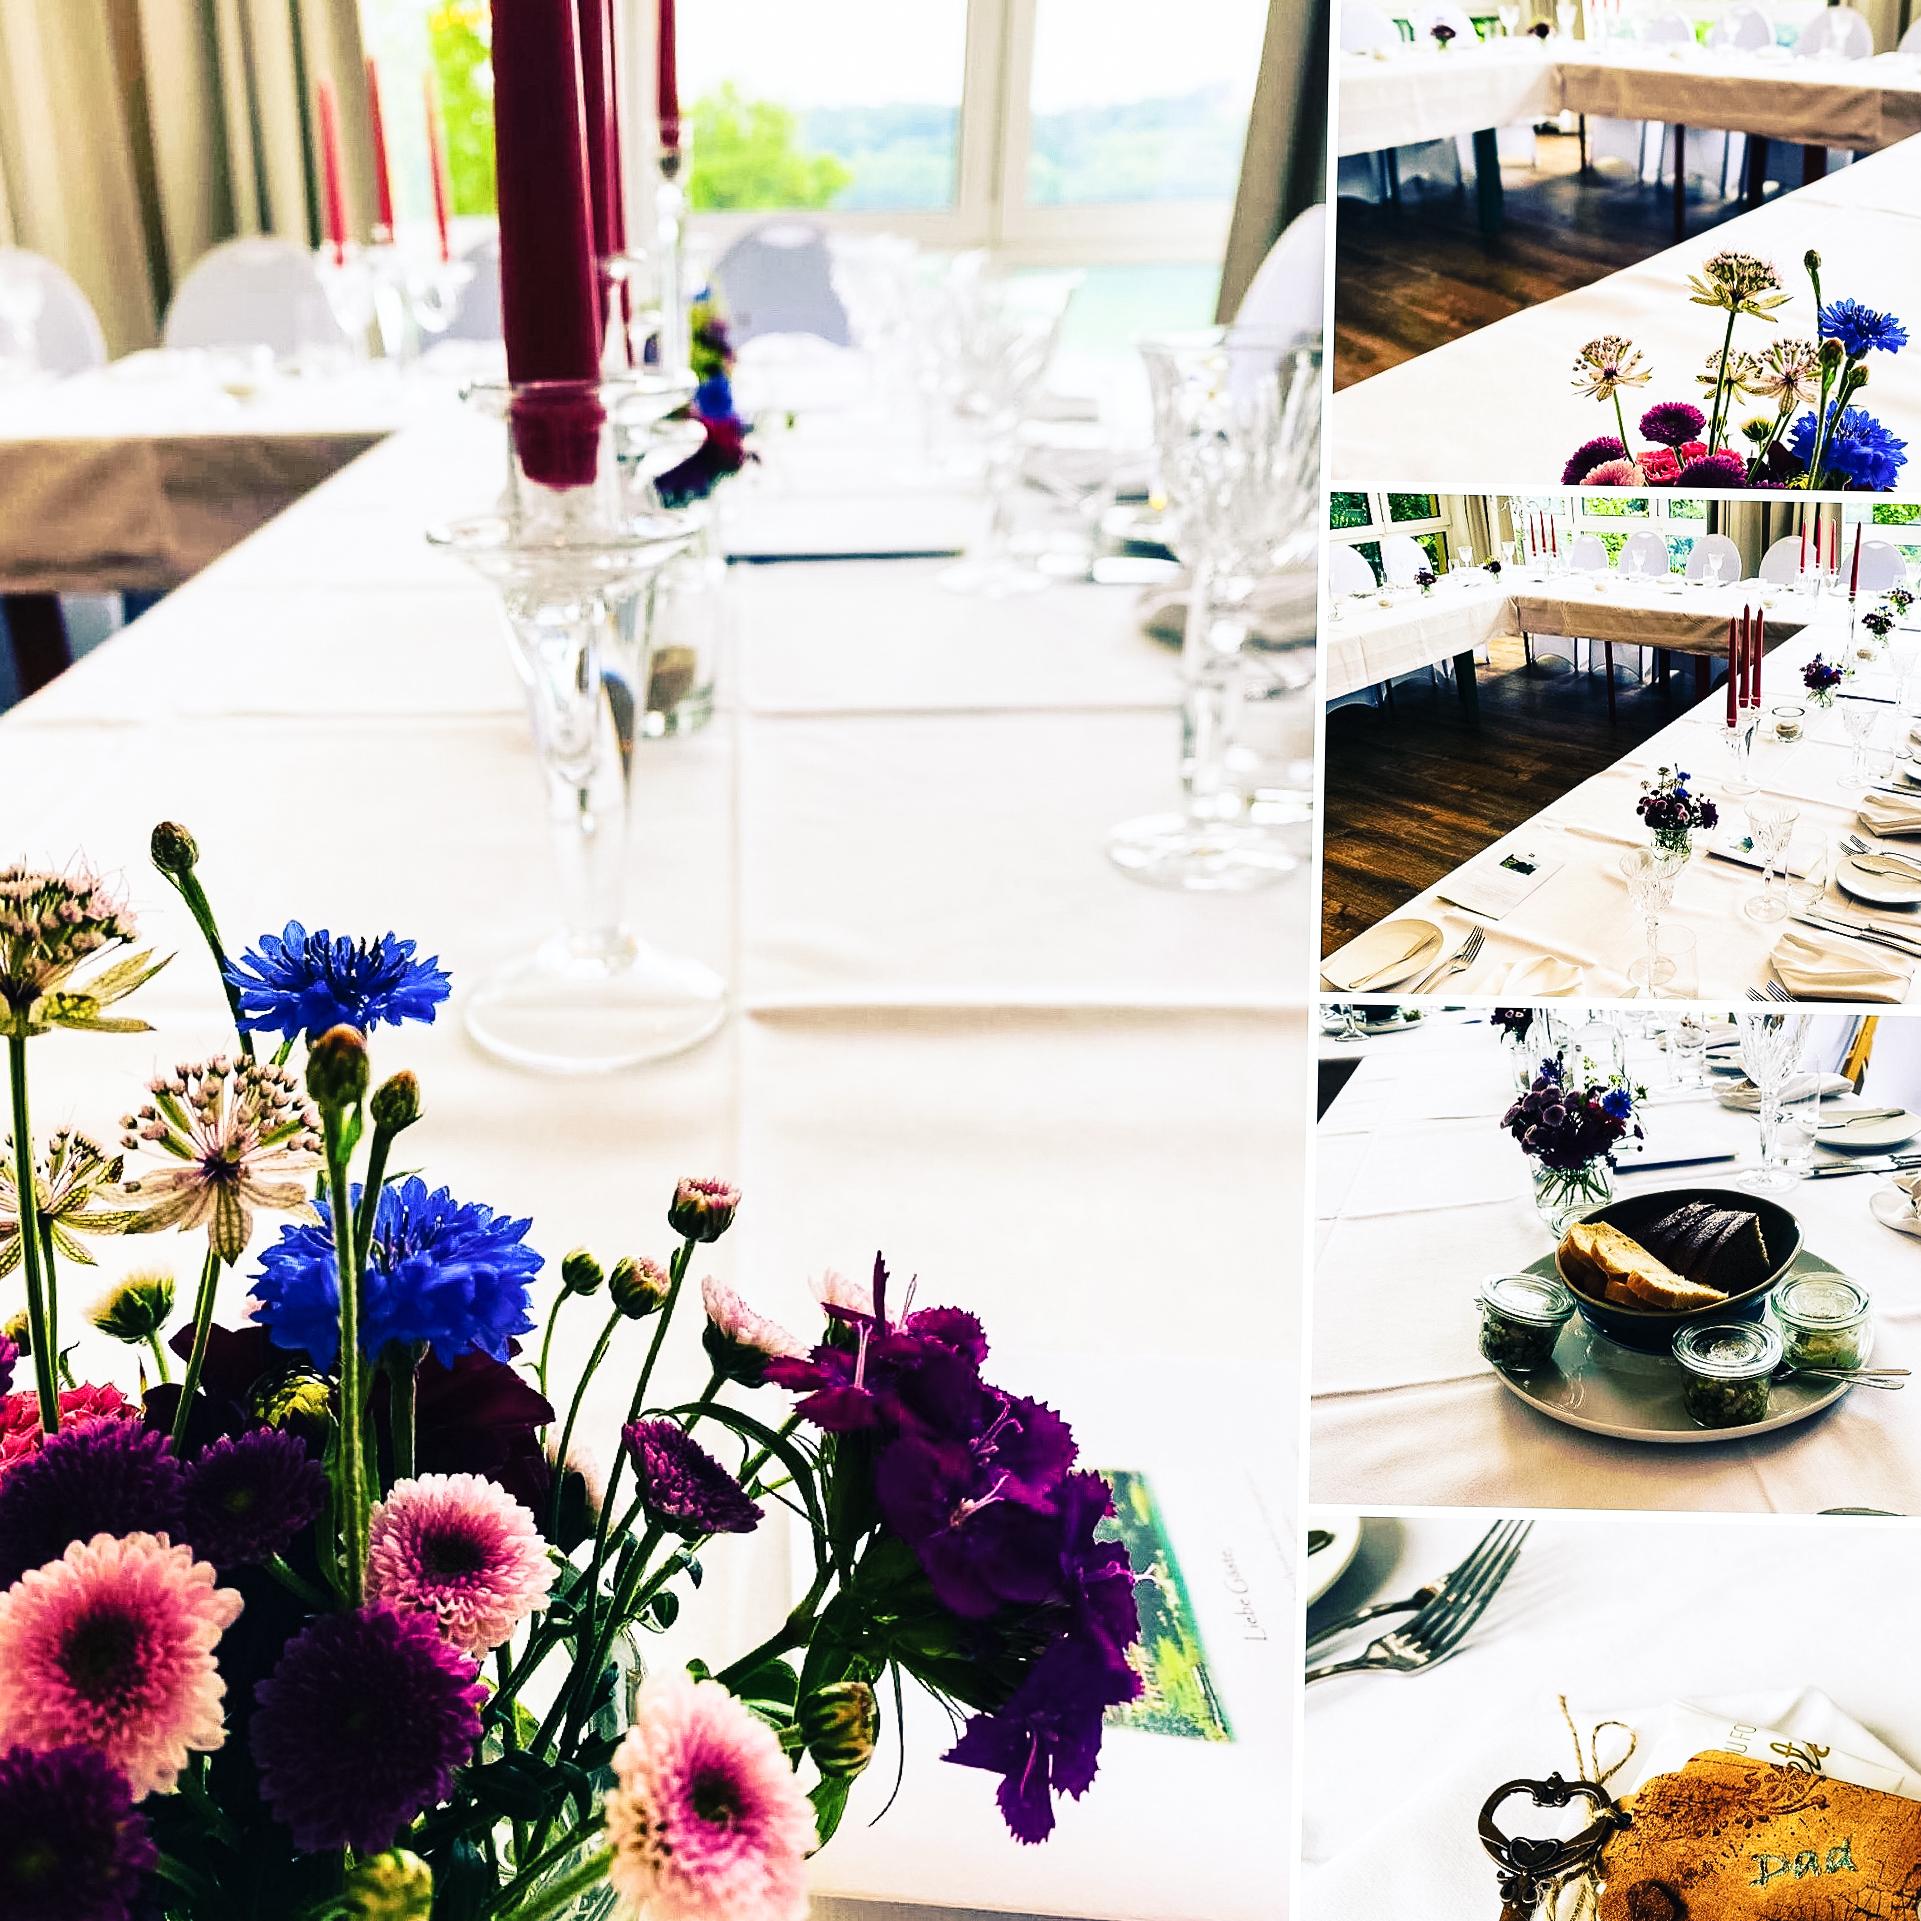 hochzeits impressionen buckow strandhotel vier jahreszeiten ort buckow restaurant y